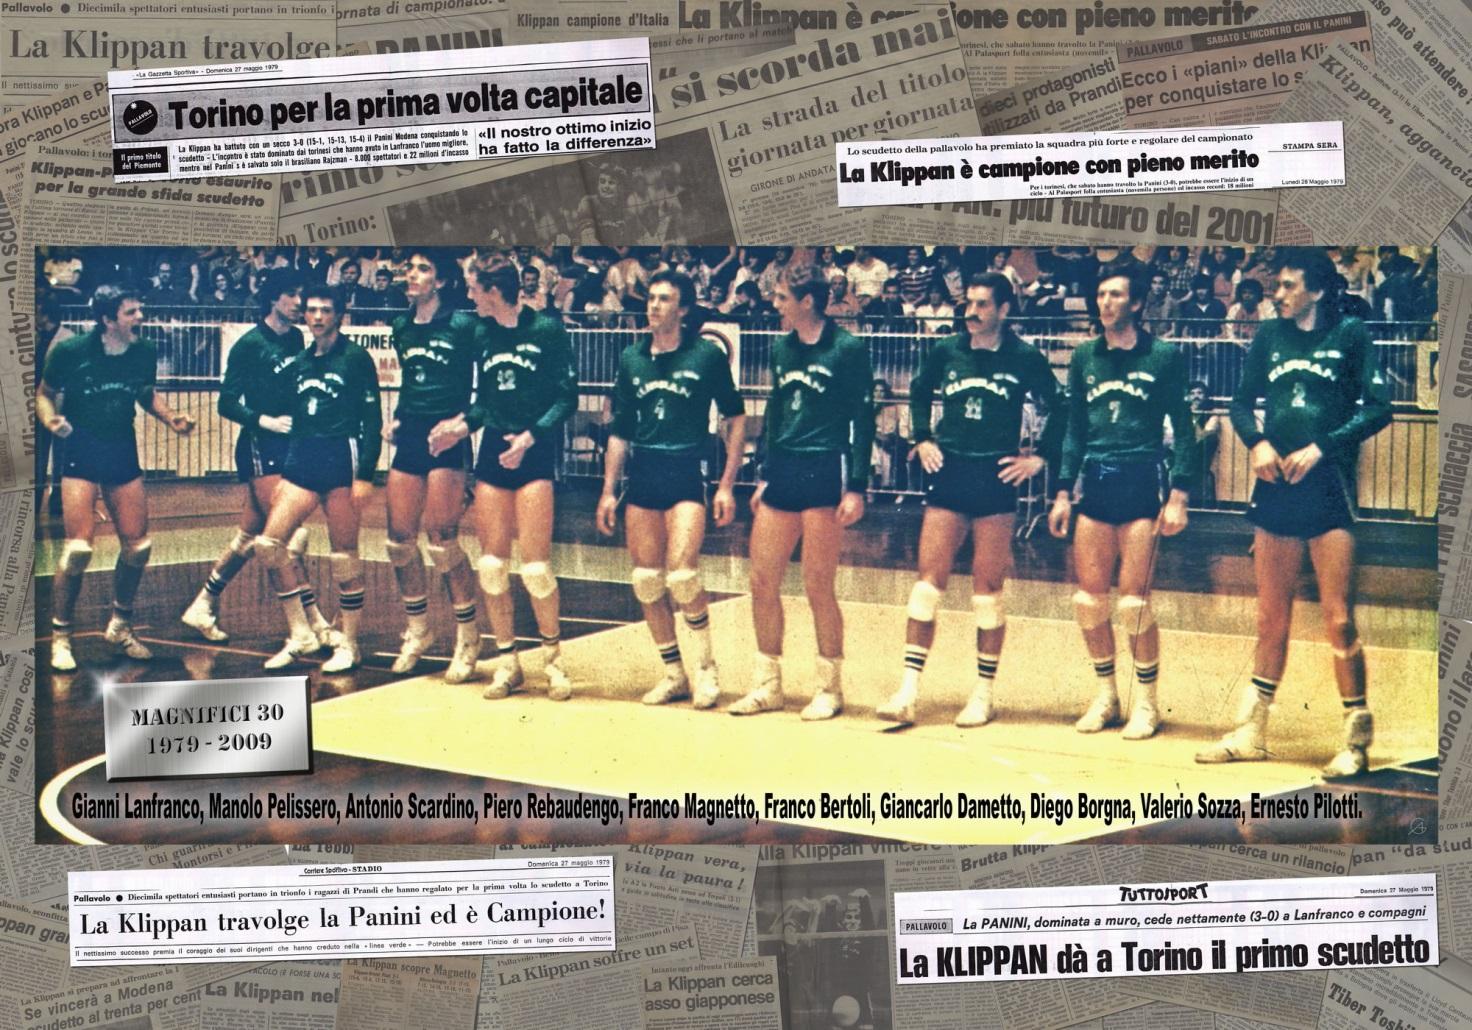 La Klippan Cus Torino, prima squadra italiana a vincere in Europa